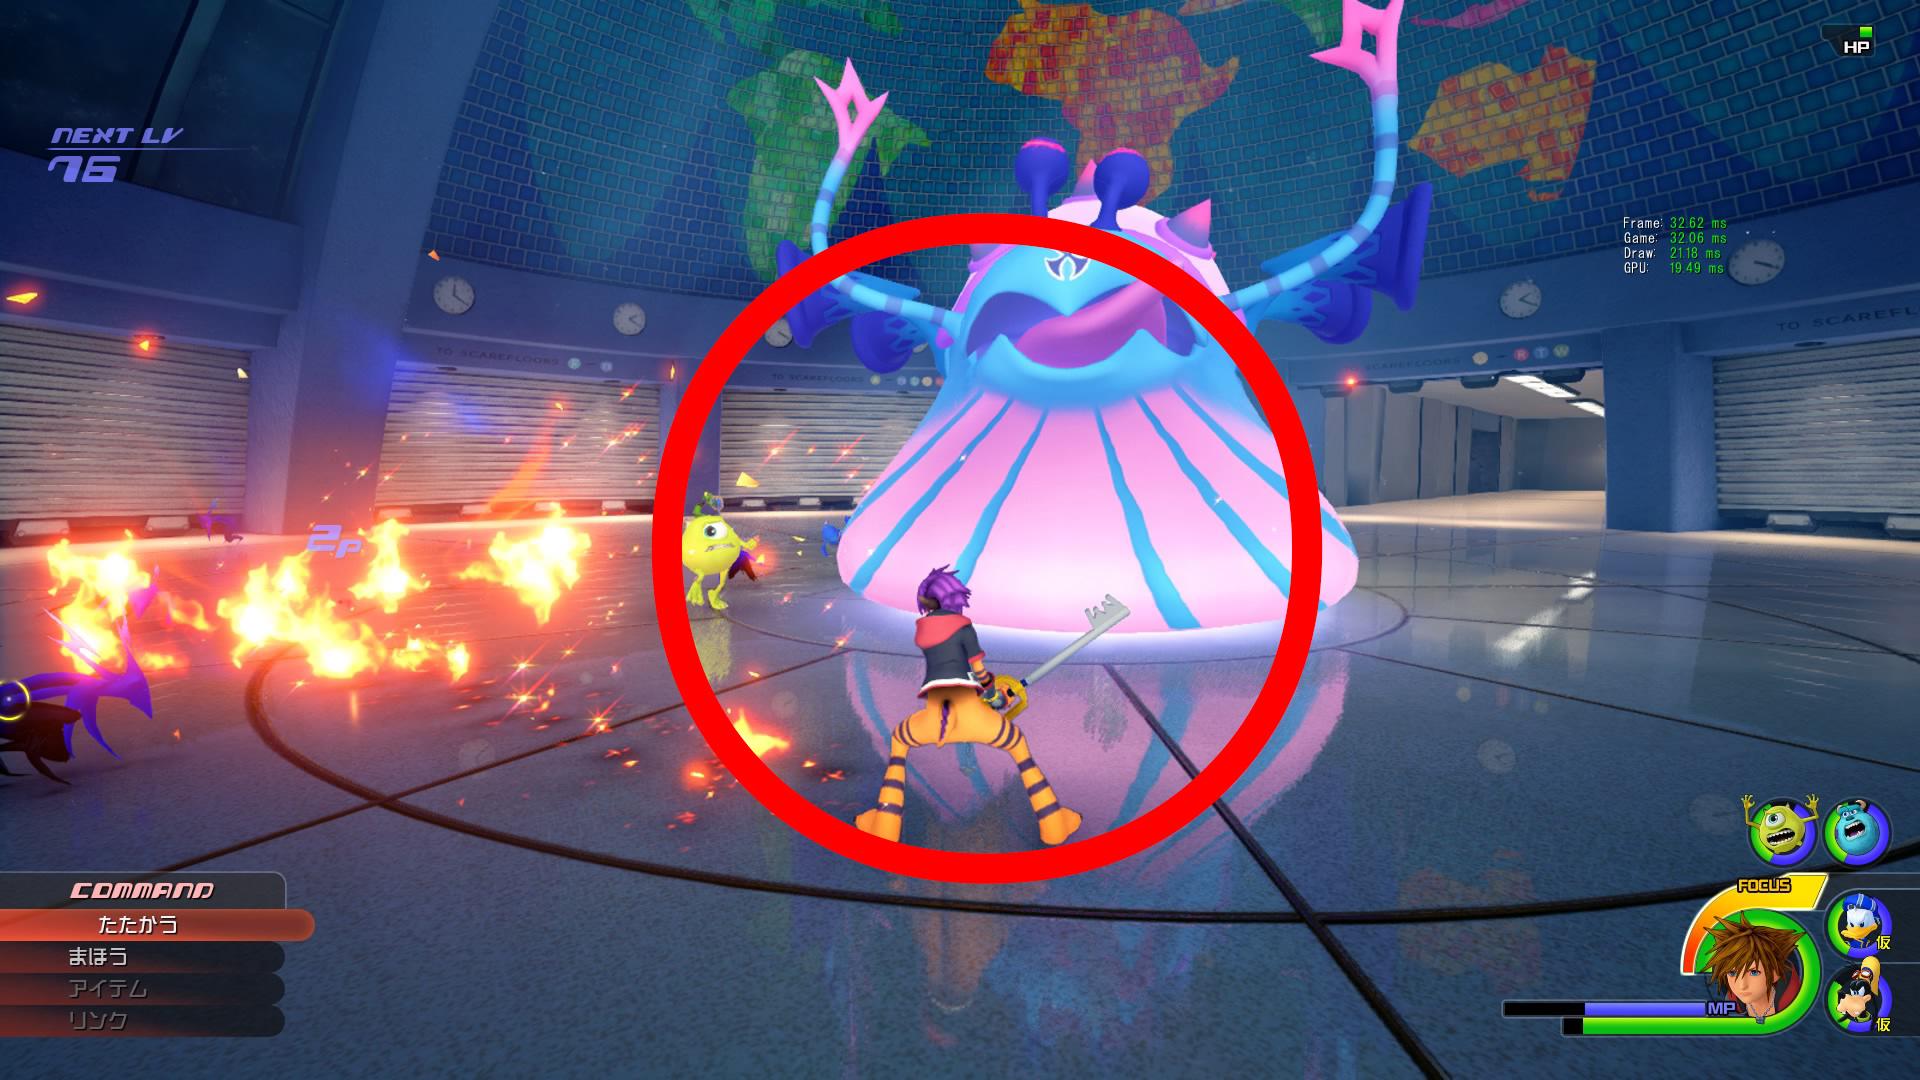 Die Monster Ag In Kingdom Heart 3 Leak Offenbart Mögliche Neue Welt